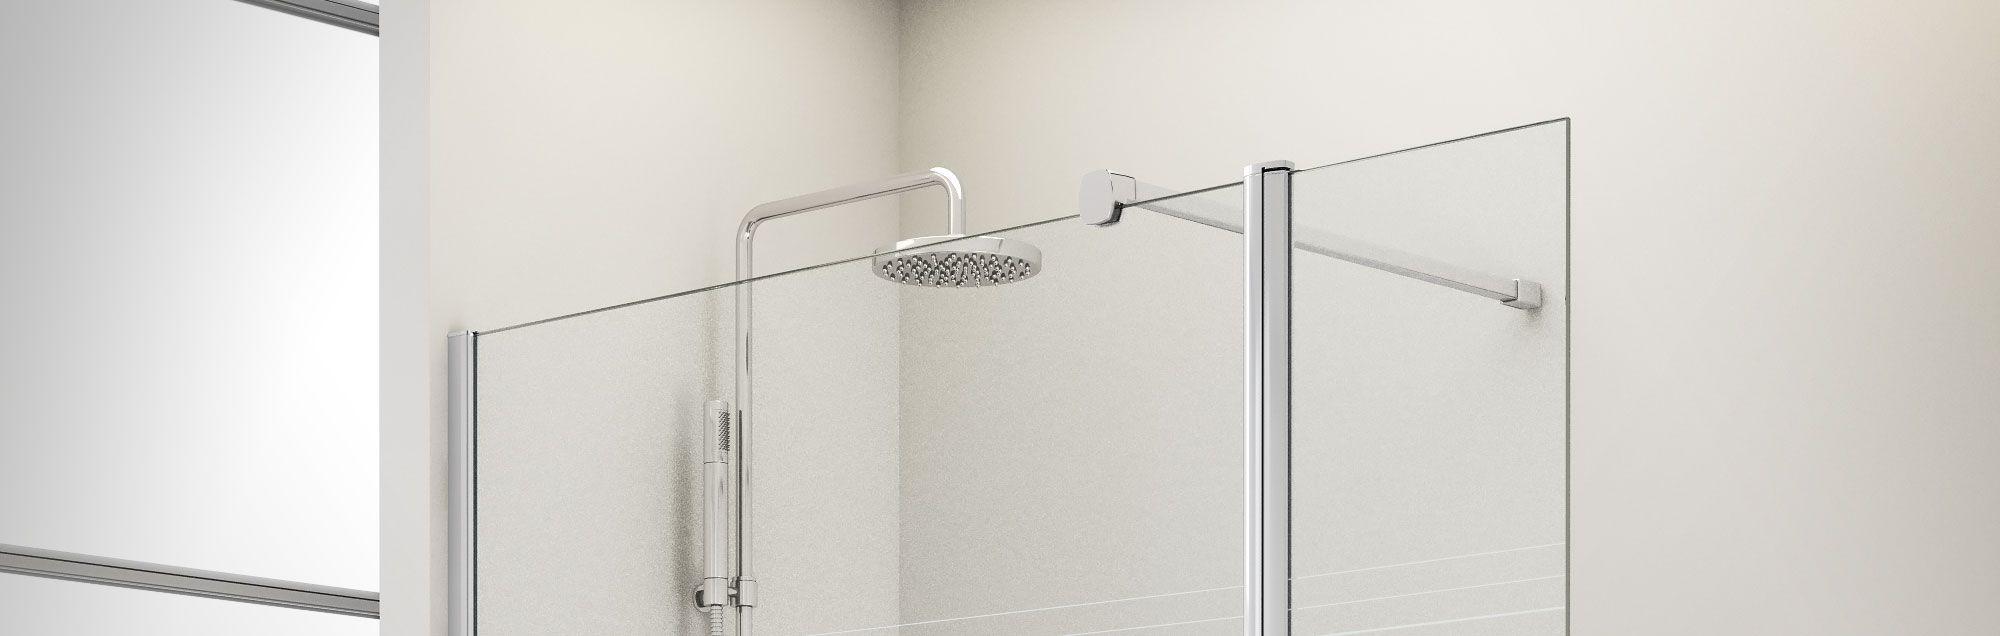 Box doccia con consegna veloce profiltek for Decorador virtual gratis